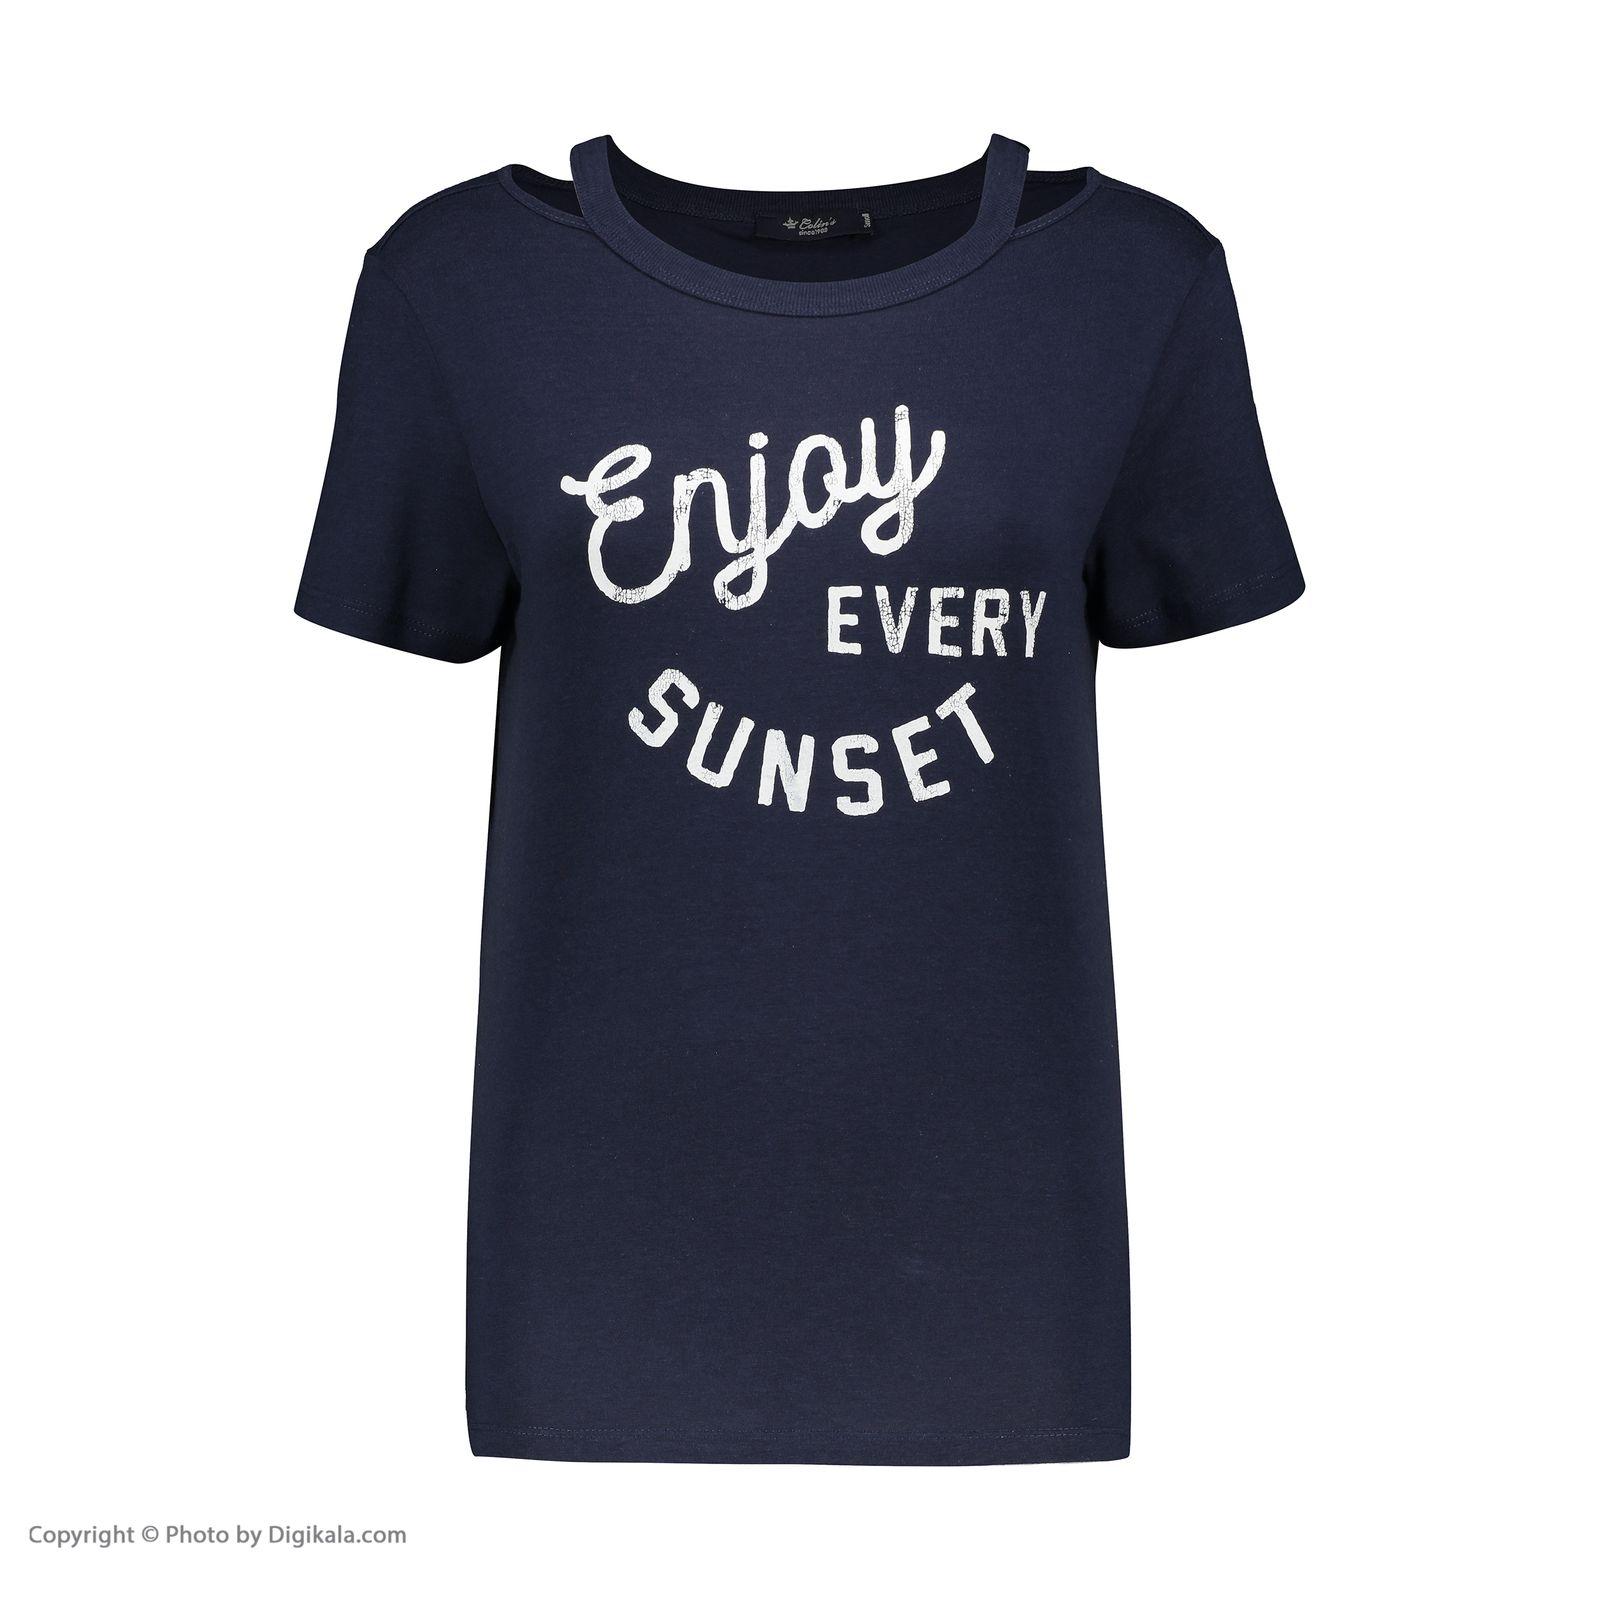 تی شرت زنانه کالینز مدل CL1032829-NAV main 1 1